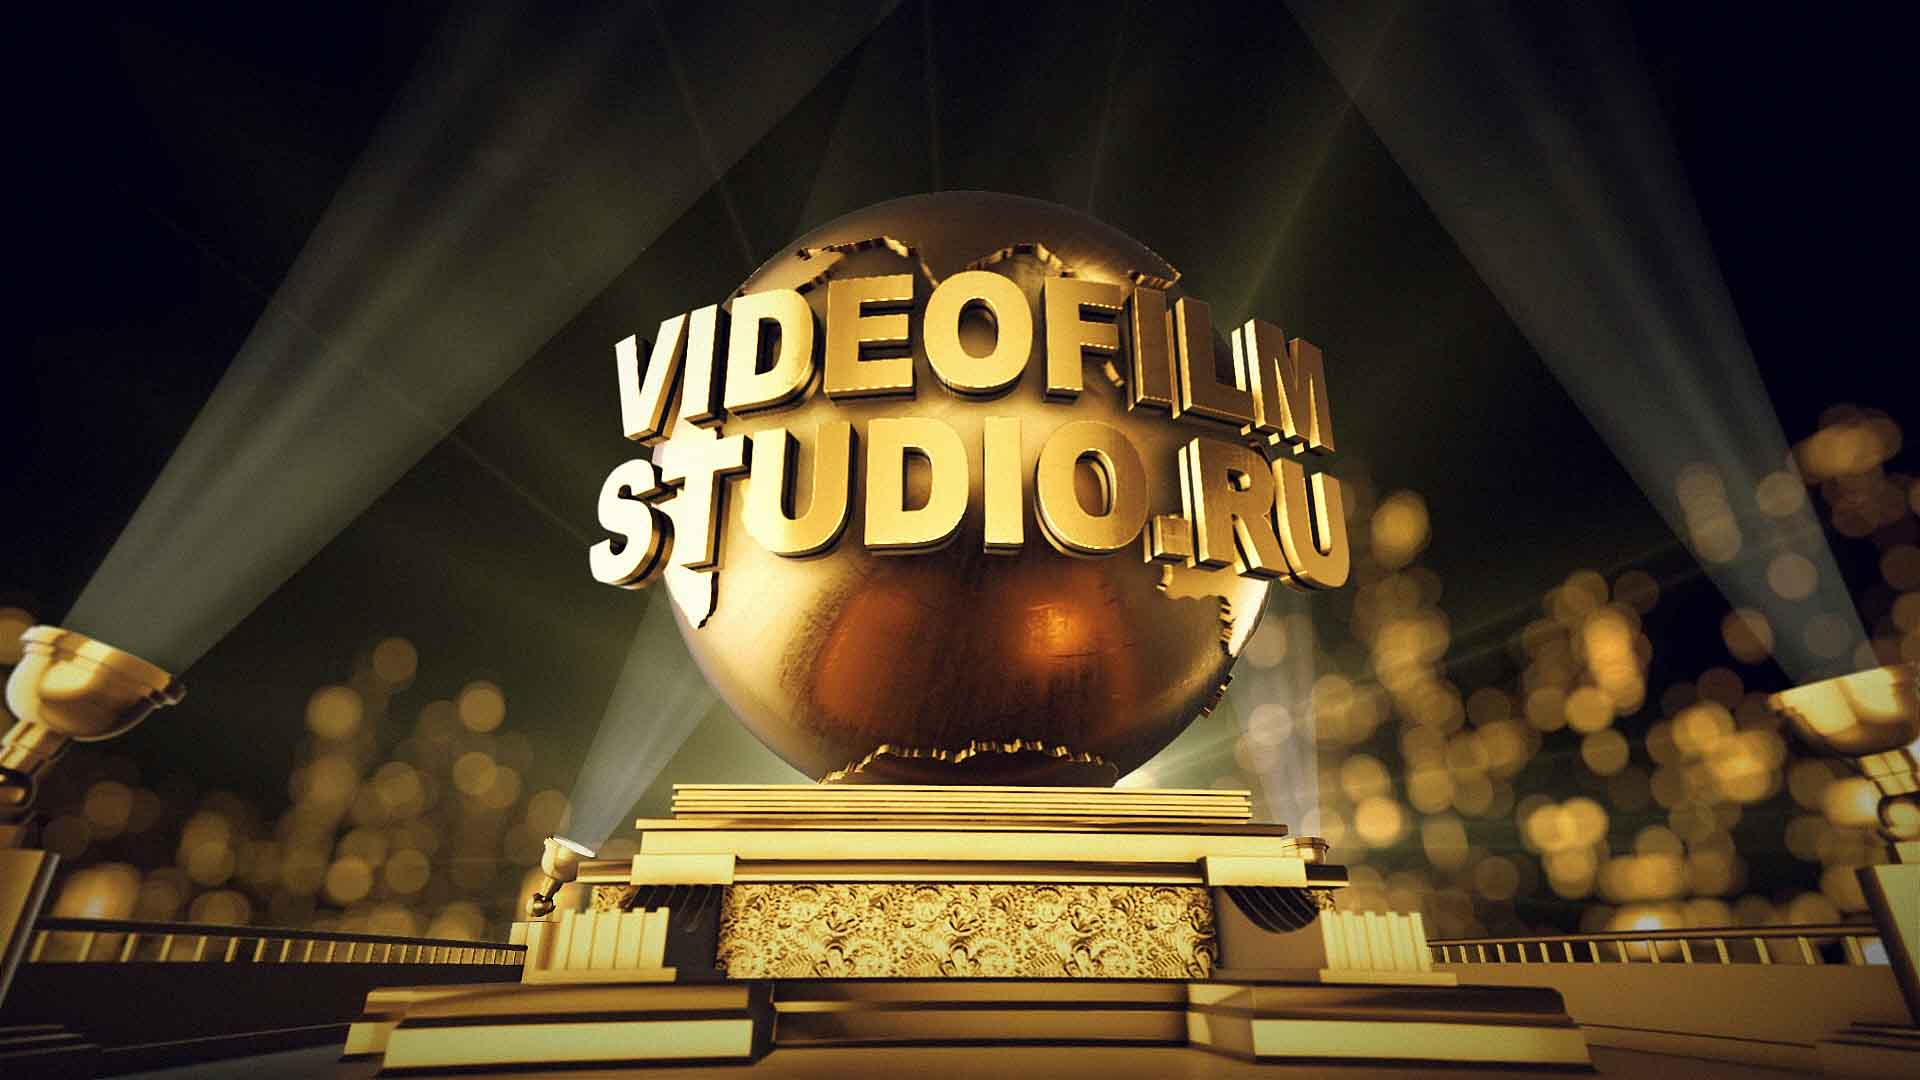 видеооператор на свадьбу, видеограф на свадьбу, видеосъемка свадьбы, свадебный видеооператор, свадебная видеосъемка